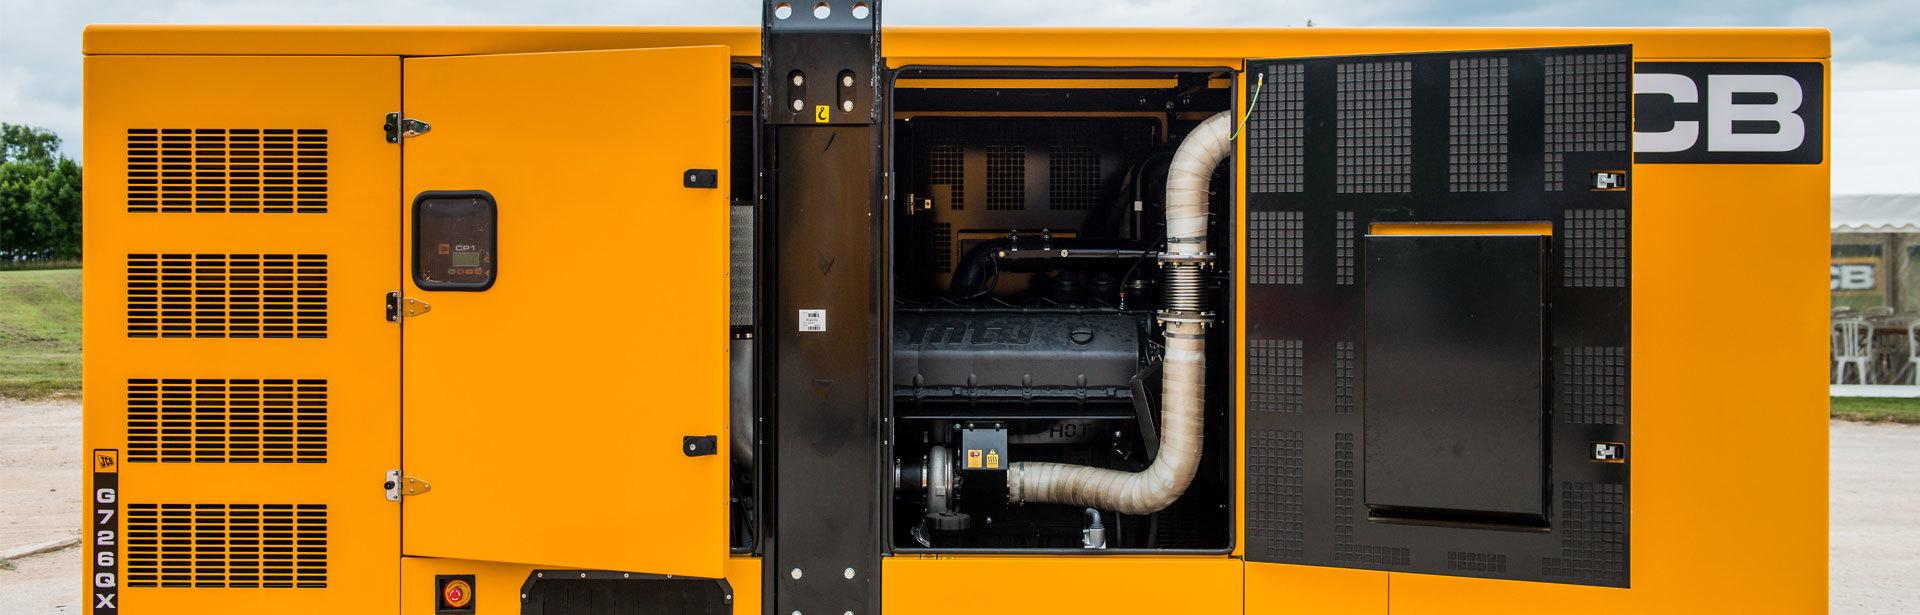 Image of a 306-726 kVA MTU